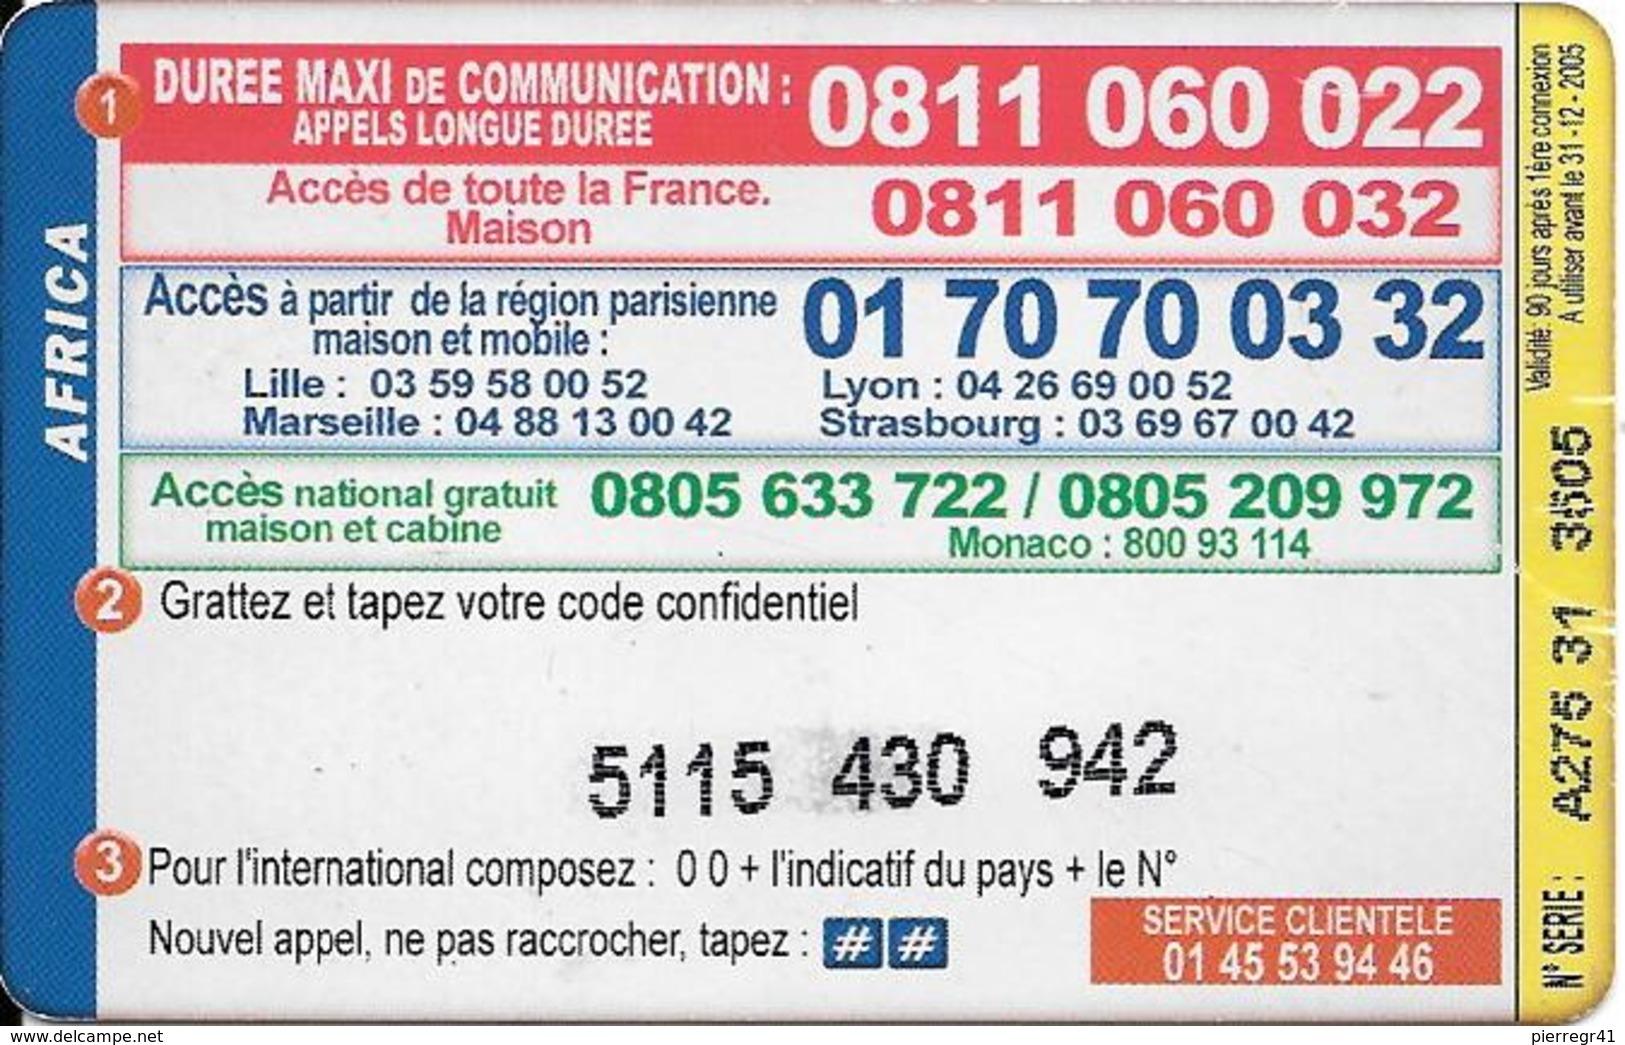 CARTE PREPAYEE-IRADIUM-7.5 €-AFRICA-31-12-2005--V°-Code PN° Sur Fond Blanc-en Biais -T BE - Autres Prépayées